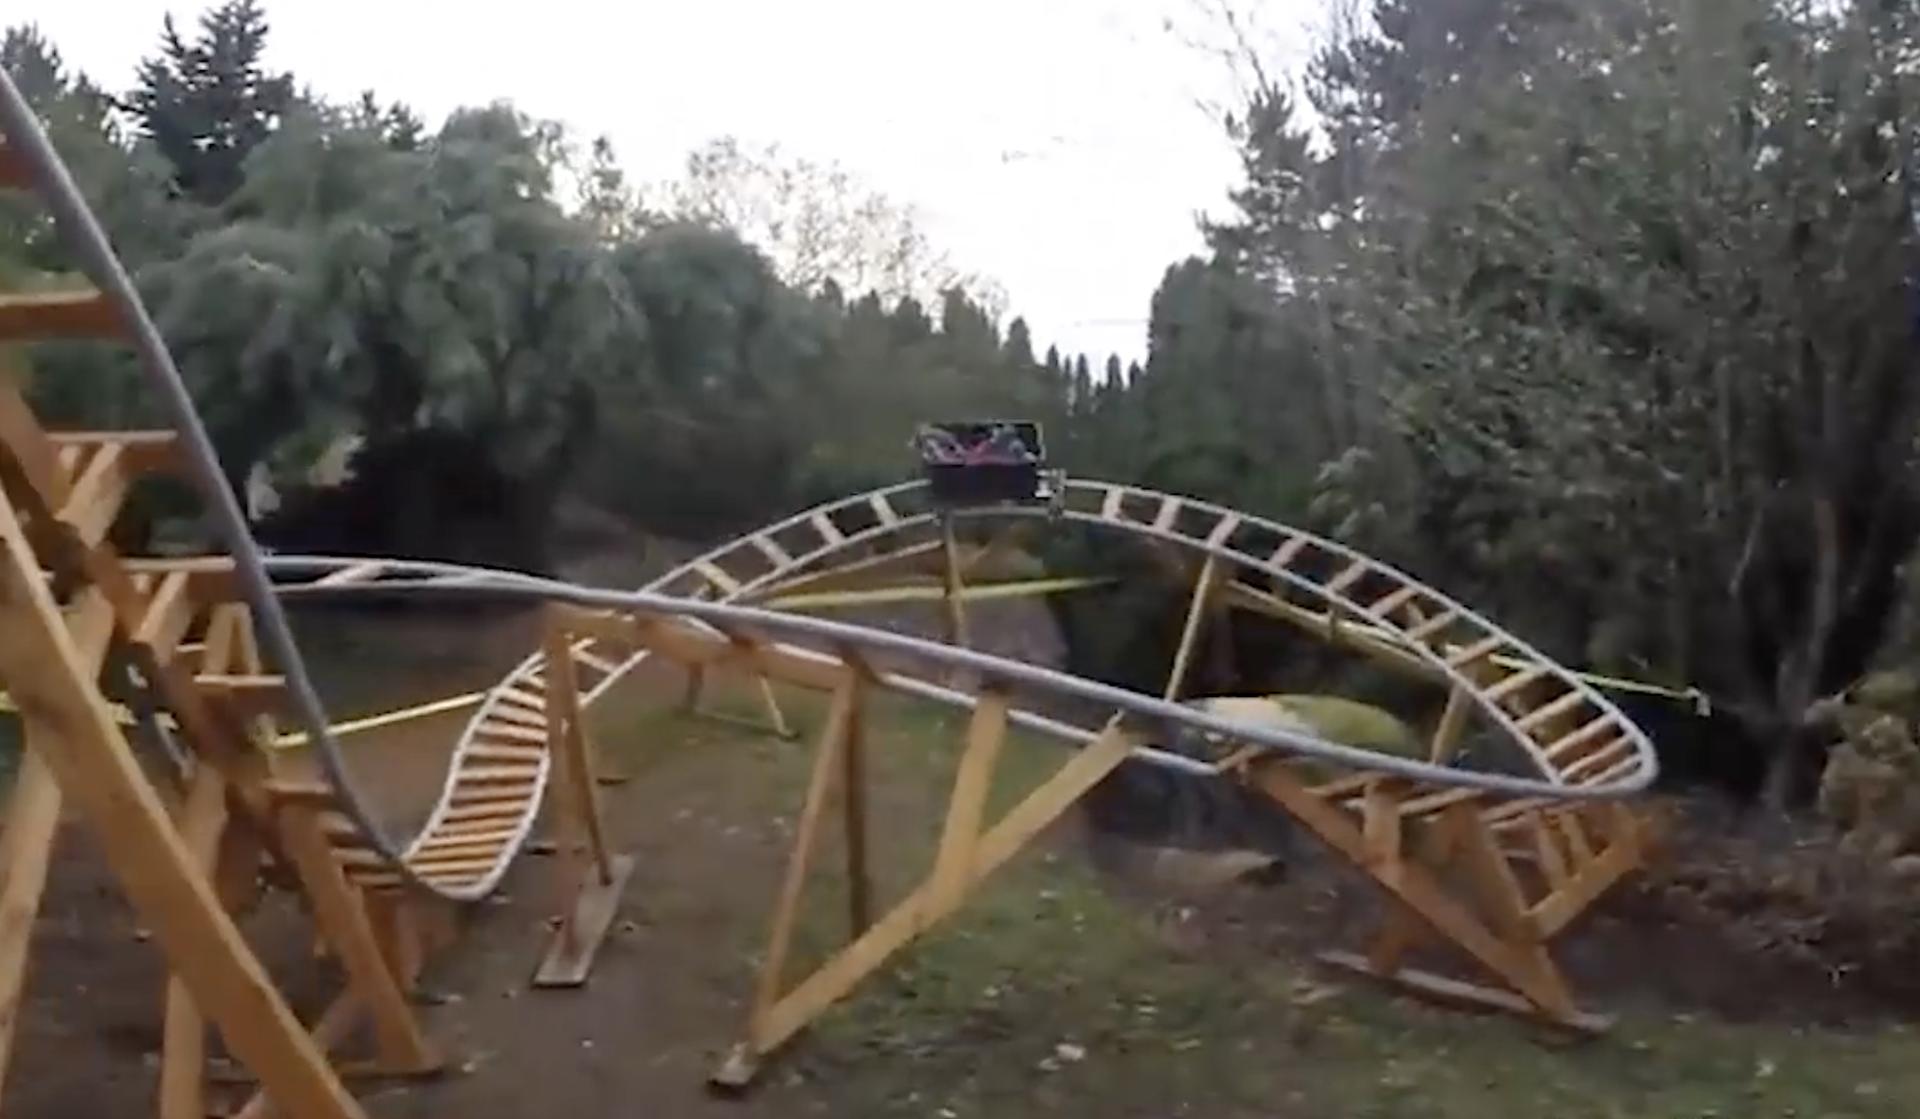 Unucima napravio 'vlak smrti' u dvorištu: 'Sve je jako sigurno...'